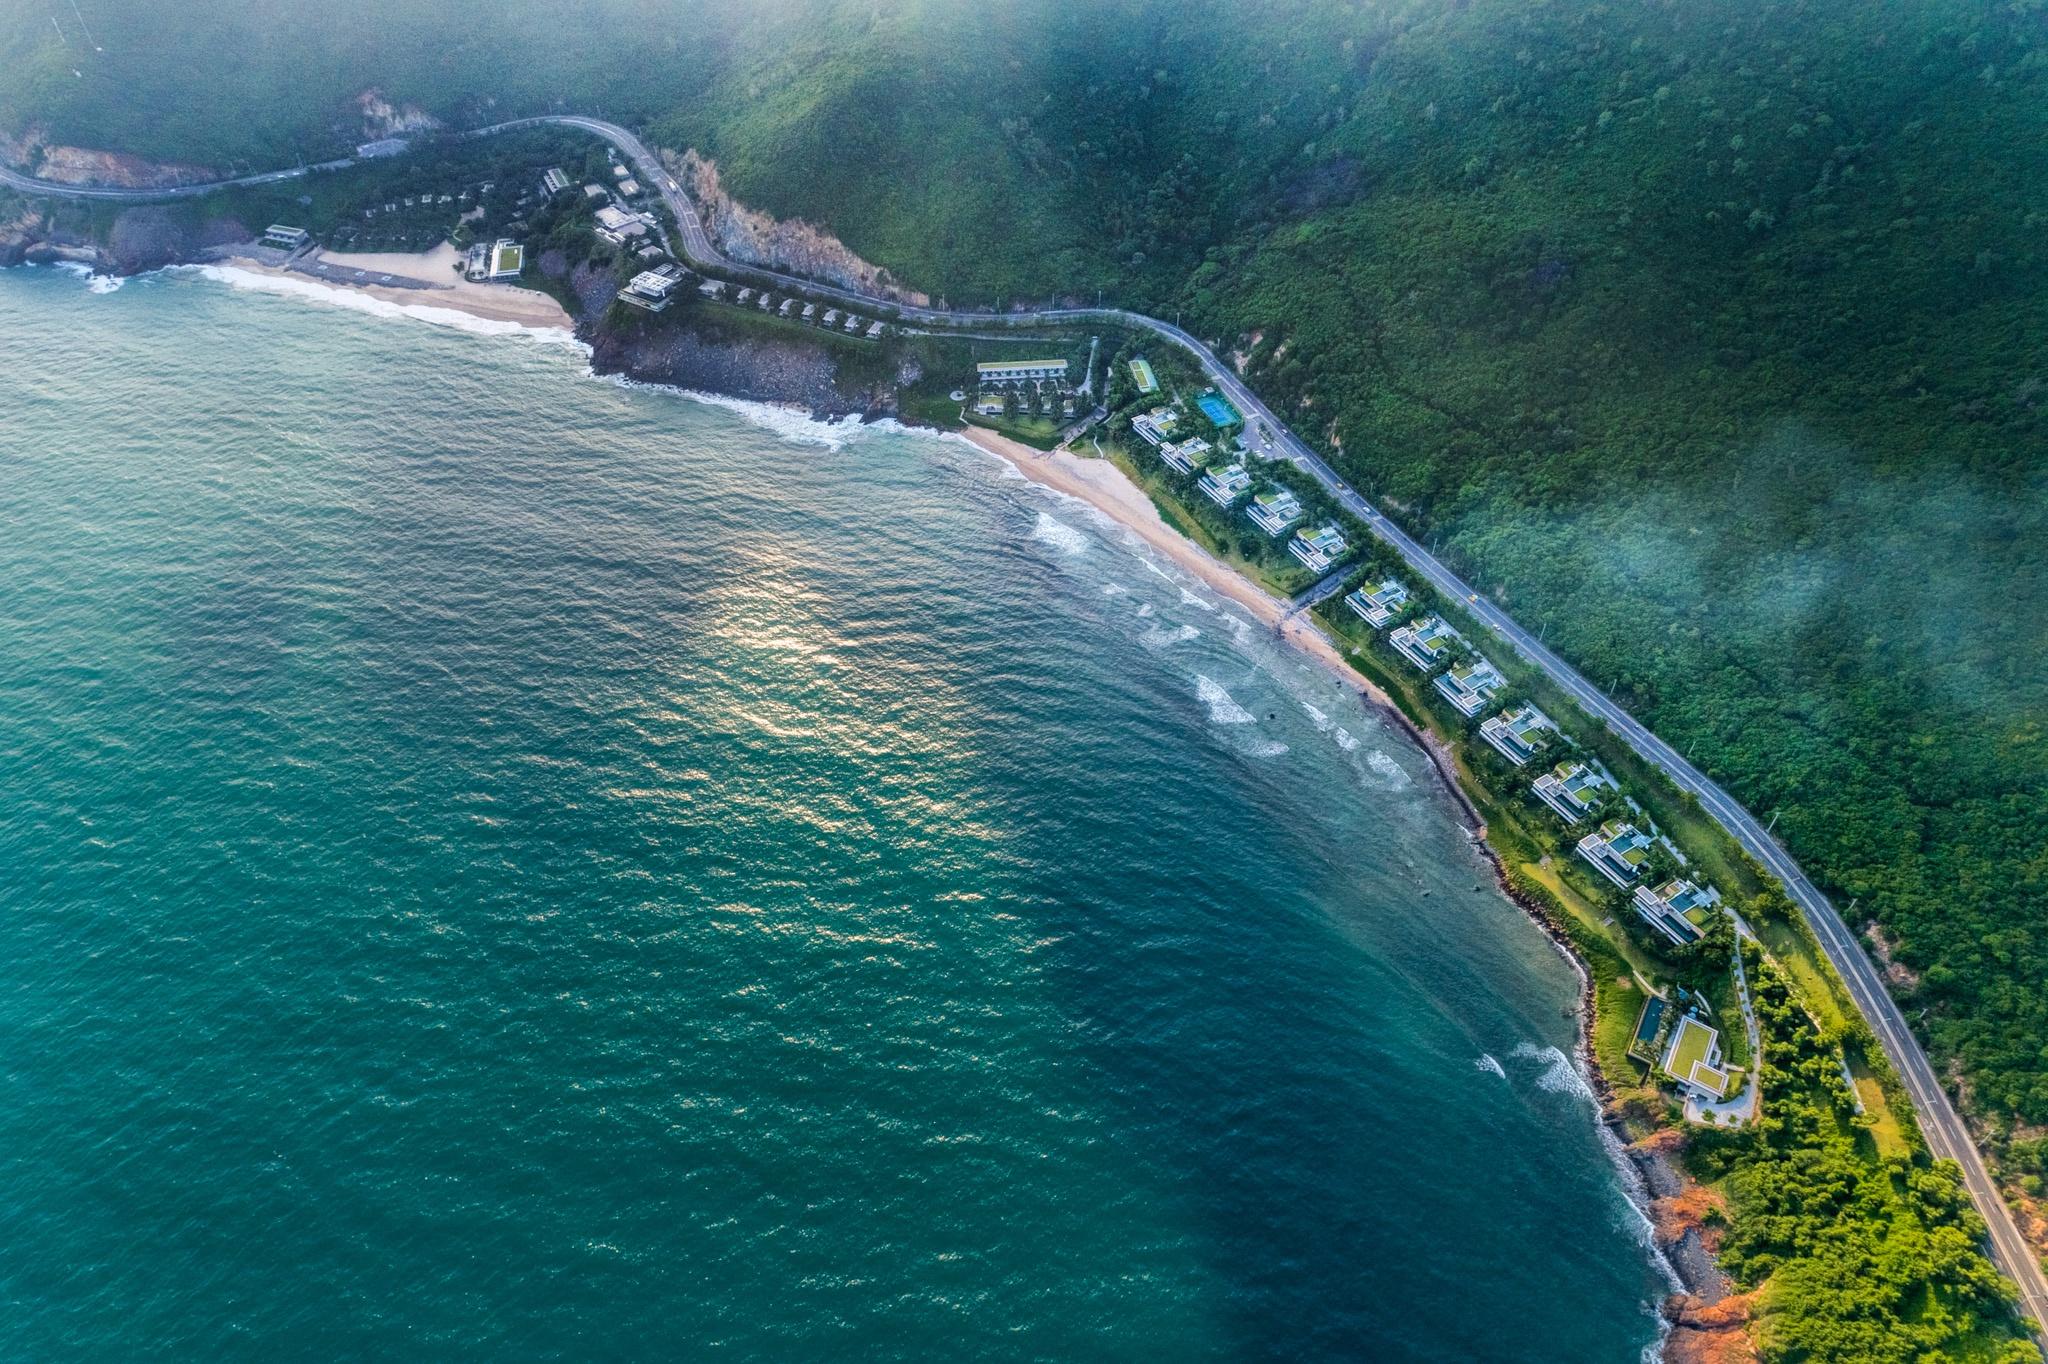 Chuyến đi mùa hè đến thiên đường biển đảo Nha Trang - Ảnh 1.